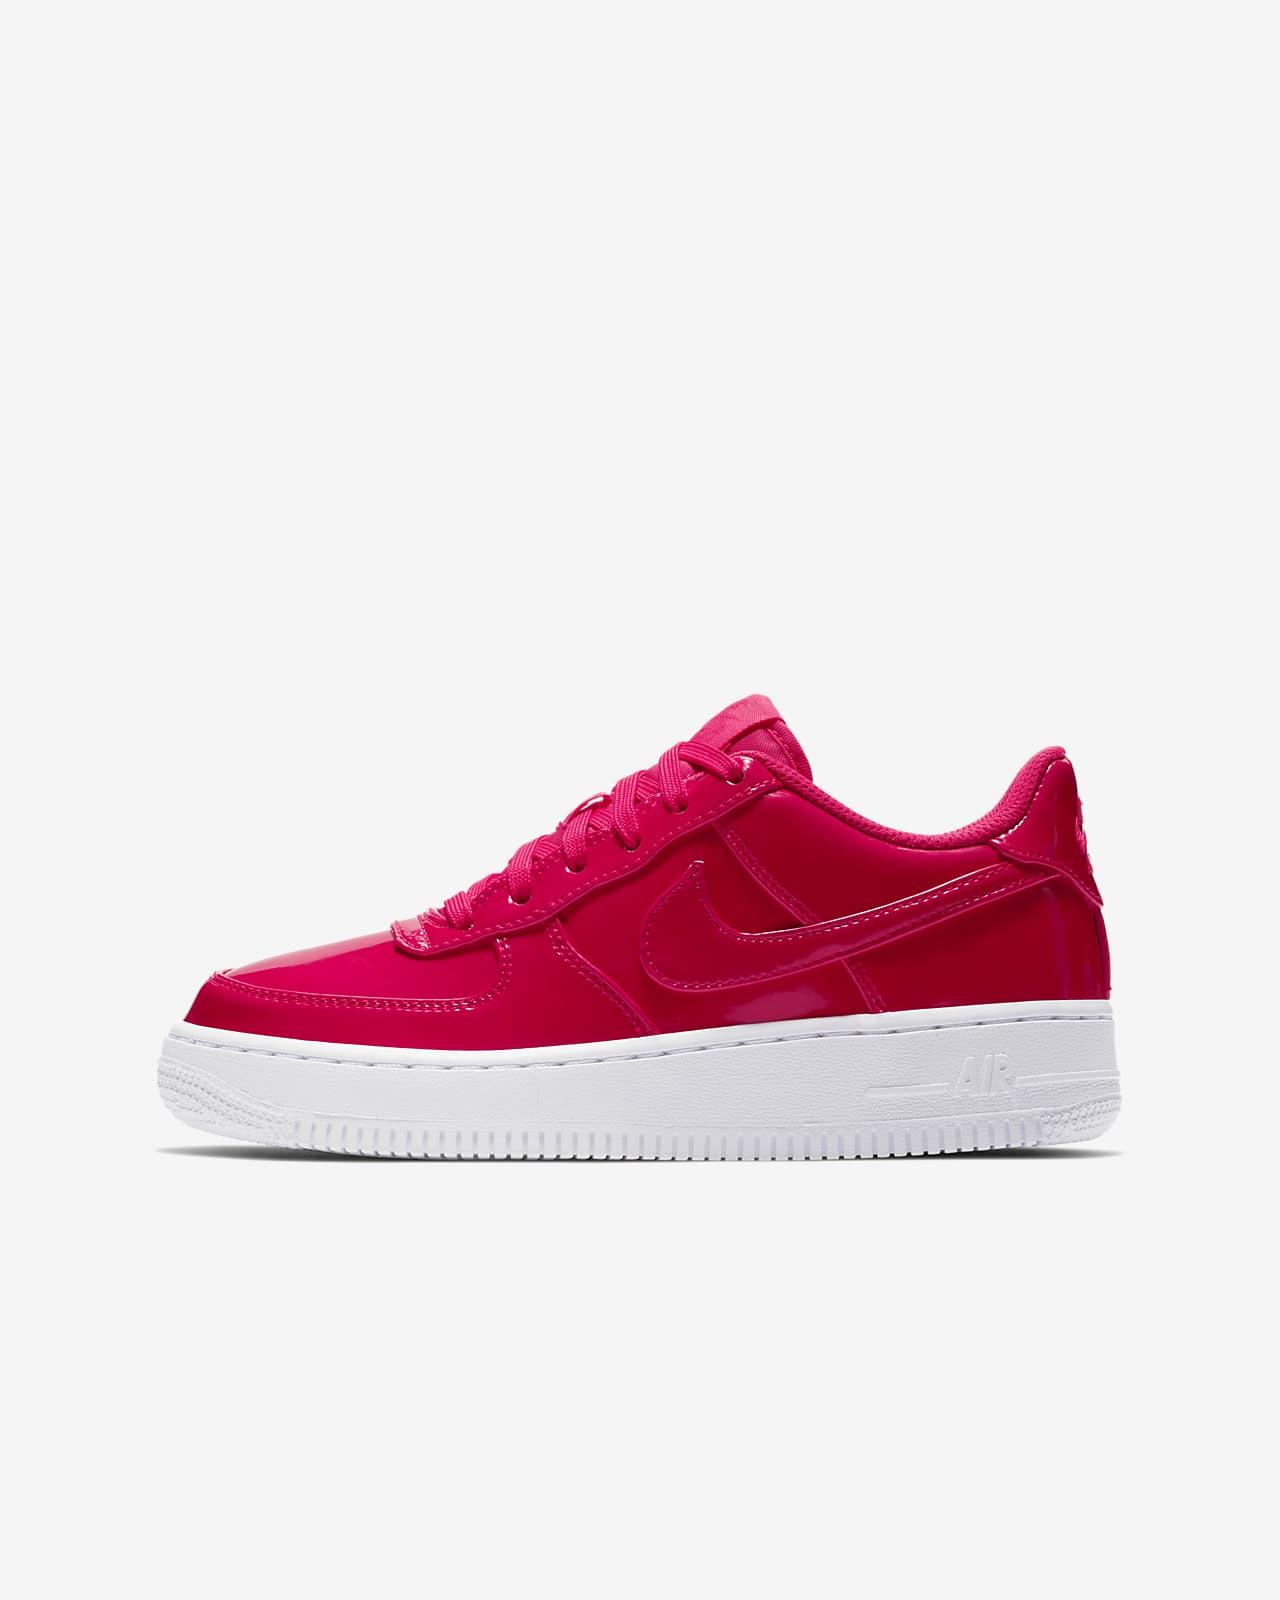 Nike Air Force 1 LV8 UV Big Kids' Shoe